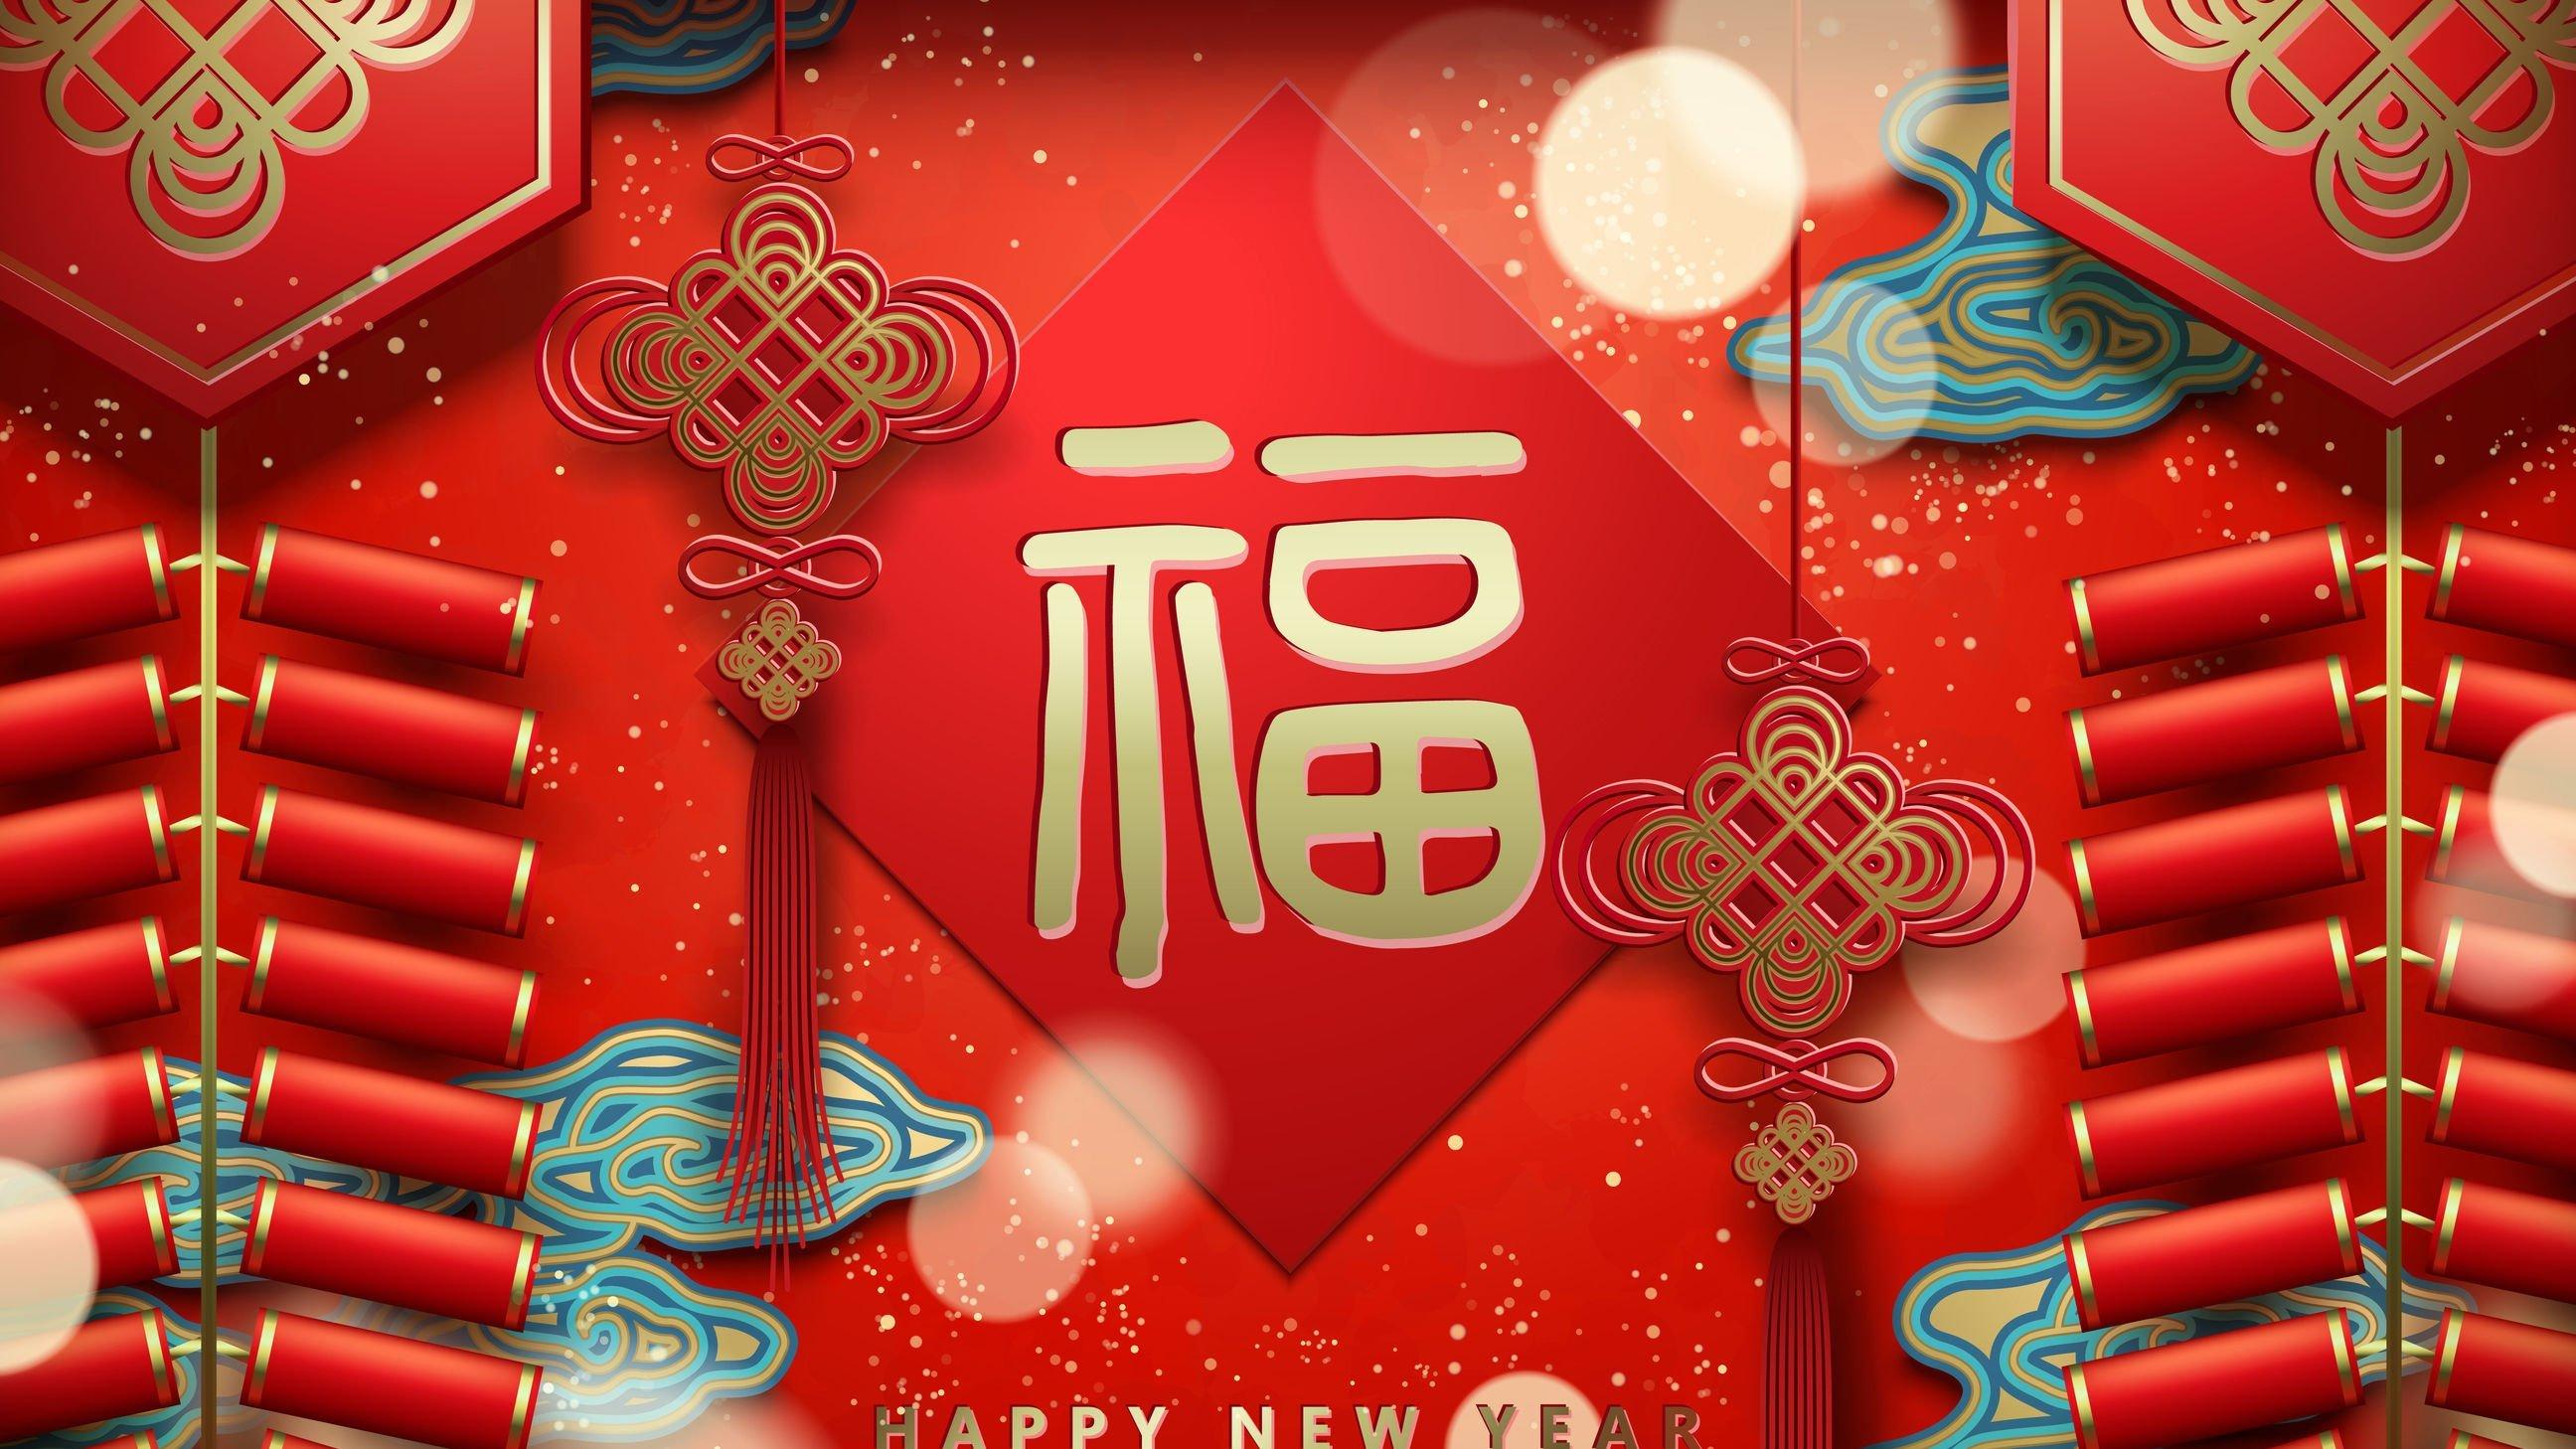 Imagem lustrando elemento de comemoração do ano novo Chinês